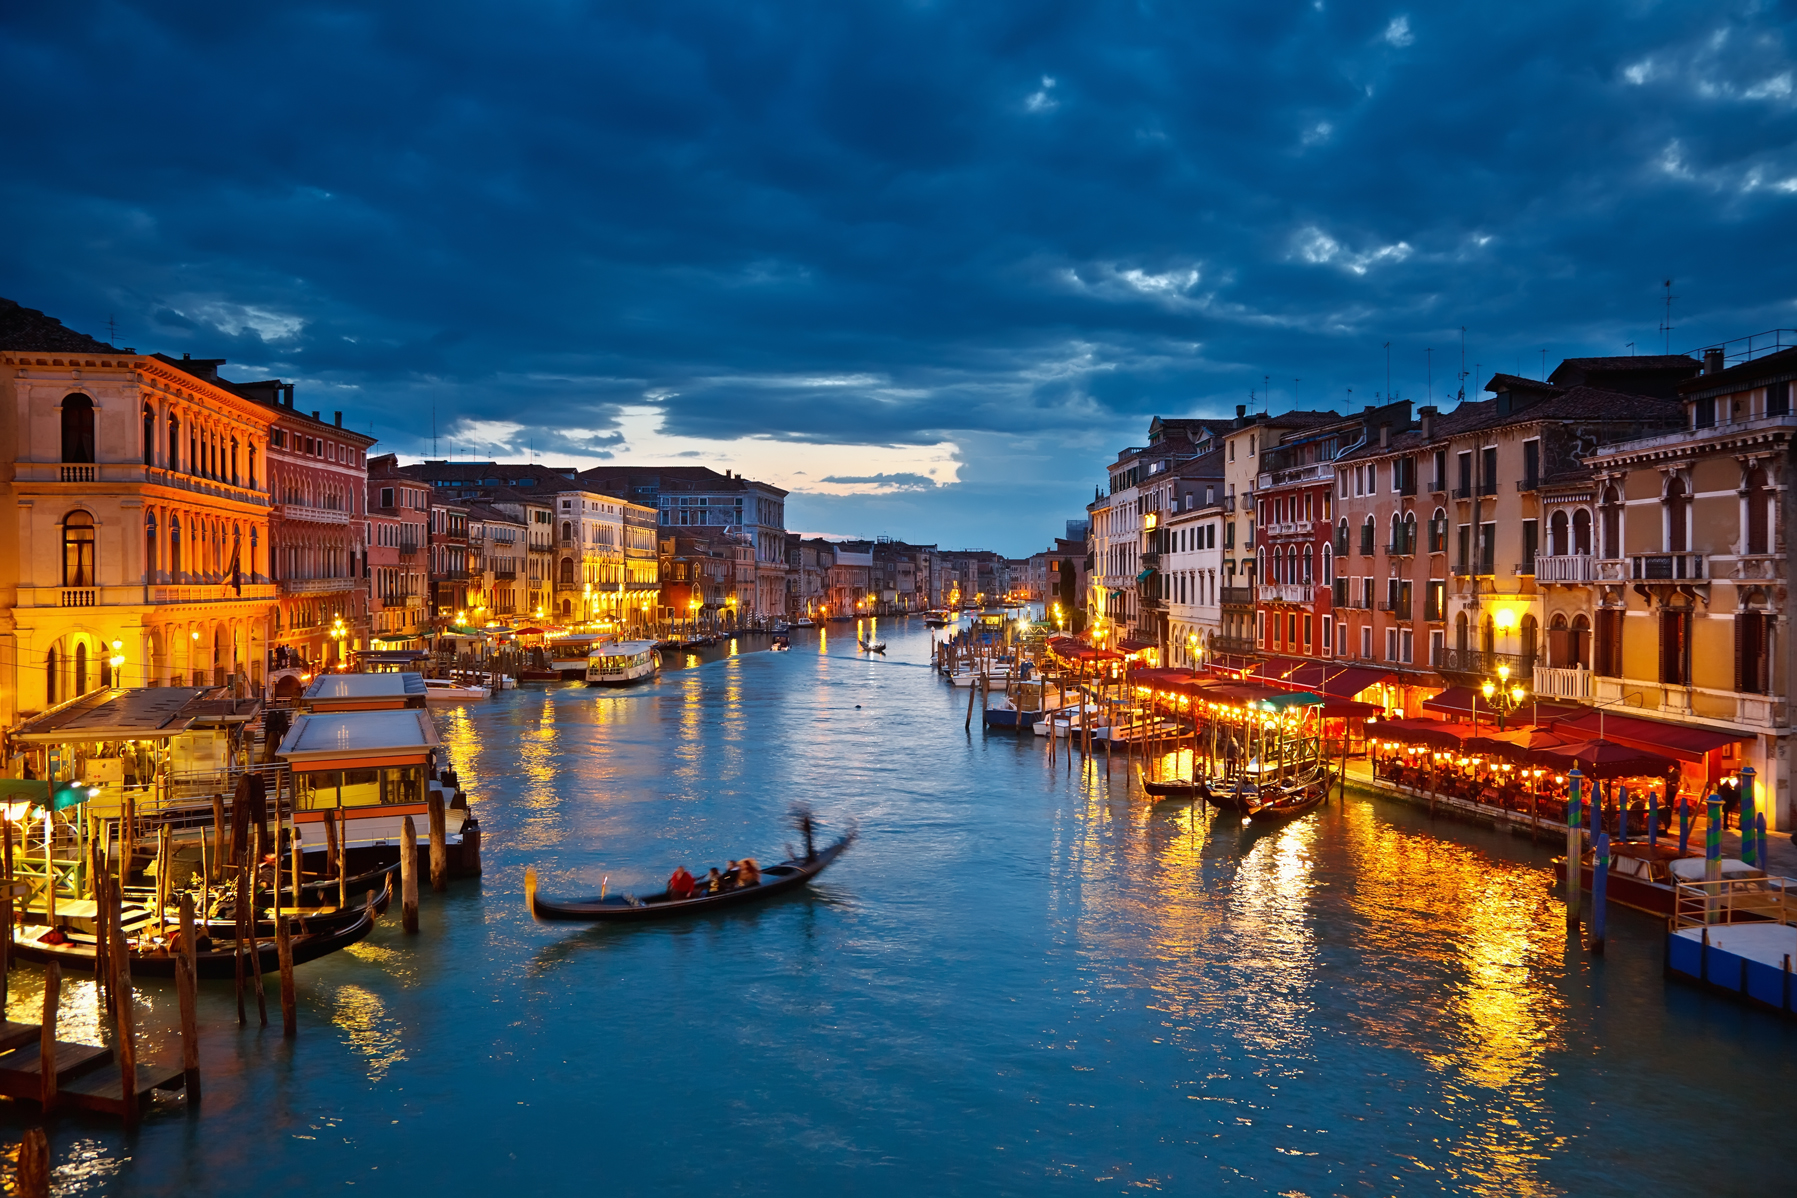 Cosa visitare a Venezia canal Grande